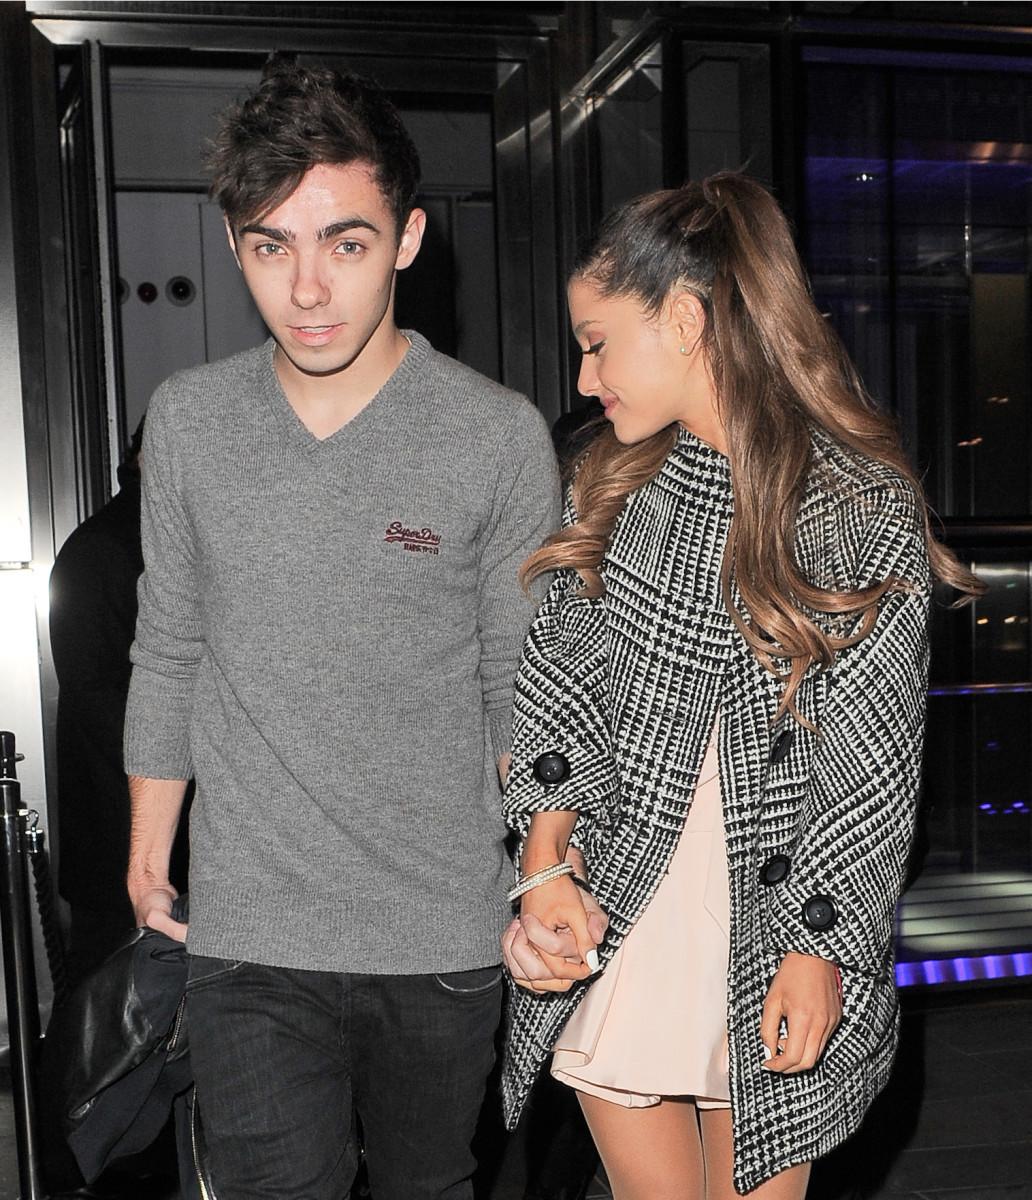 Ariana Grande och Nathan Sykes sa aldrig att de var tillsammans –men de höll gärna varandra i handen ändå.